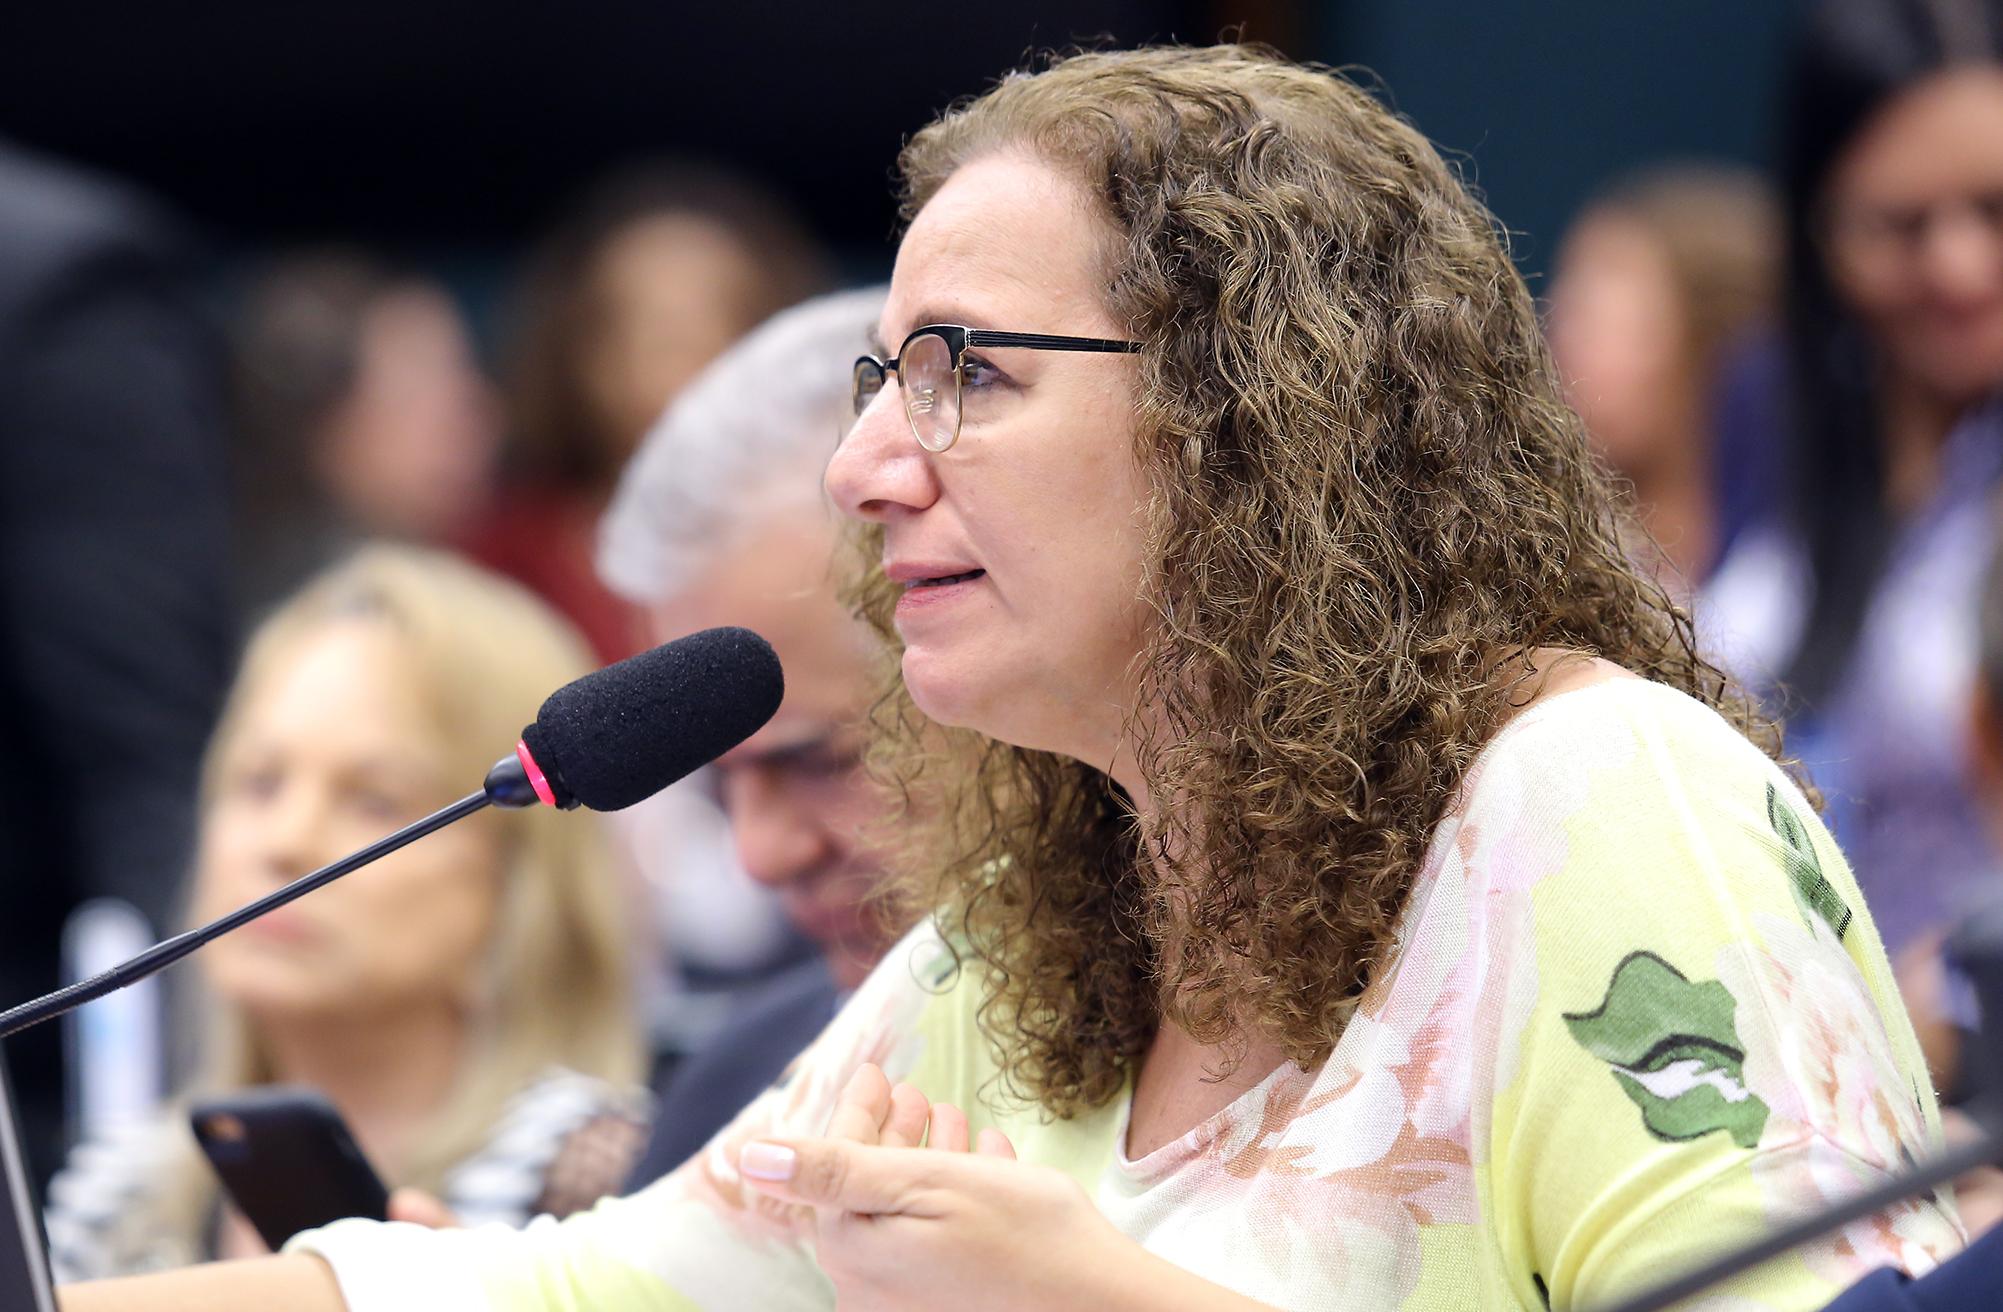 Reunião ordinária para votação do parecer do relator, dep. Arthur Oliveira Maia (PPS-BA). Dep. Jandira Feghali (PCdoB-RJ)